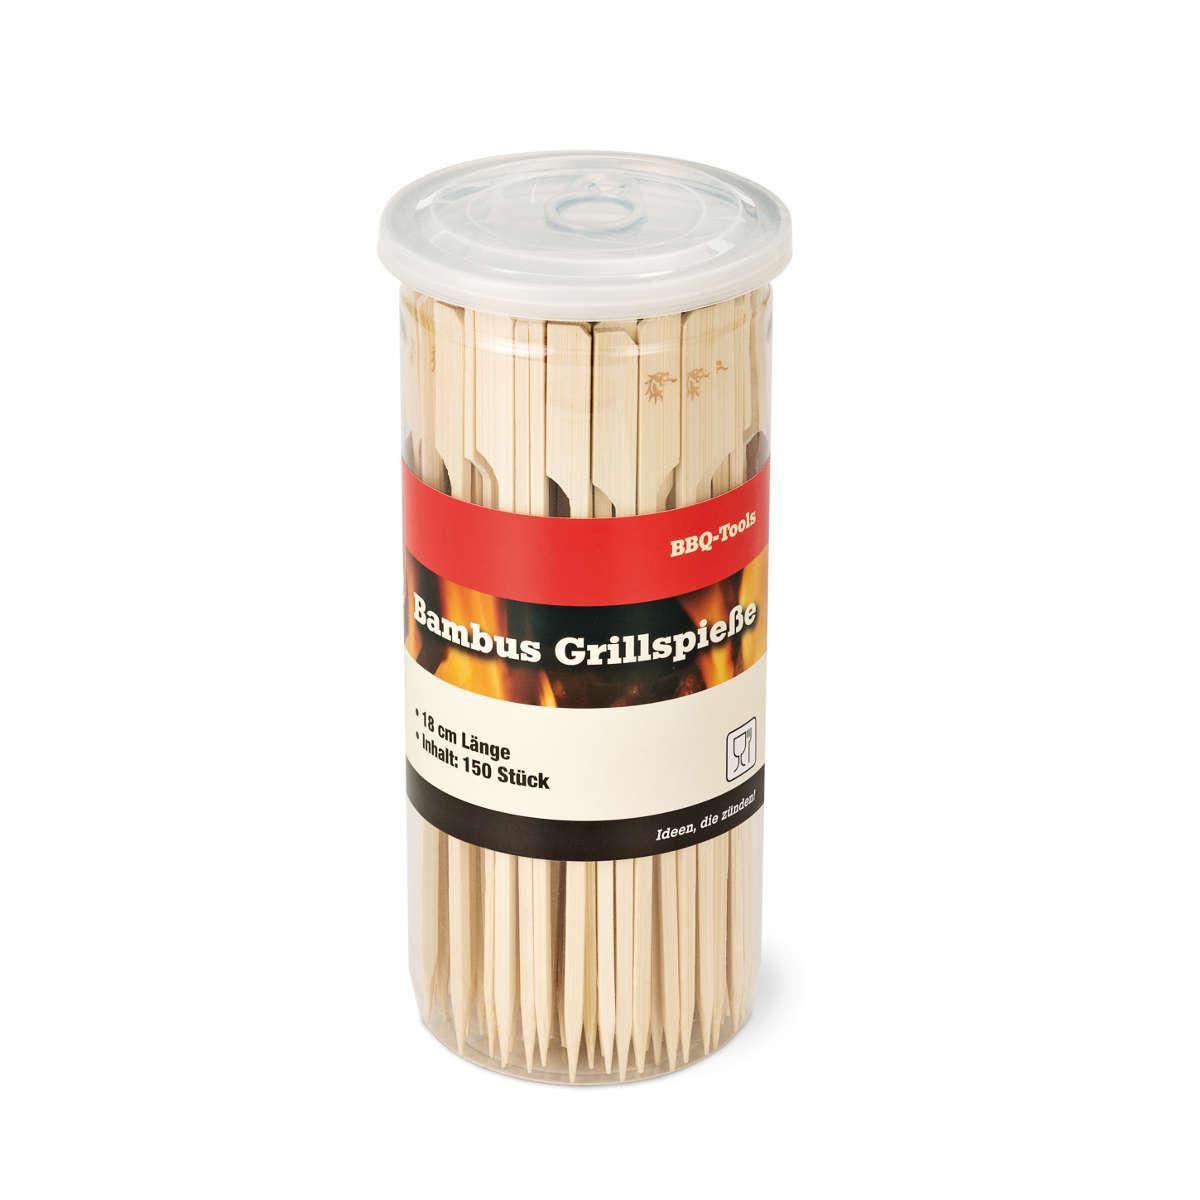 Grillspiesse-150-Stueck-18cm-Dose-im Glas